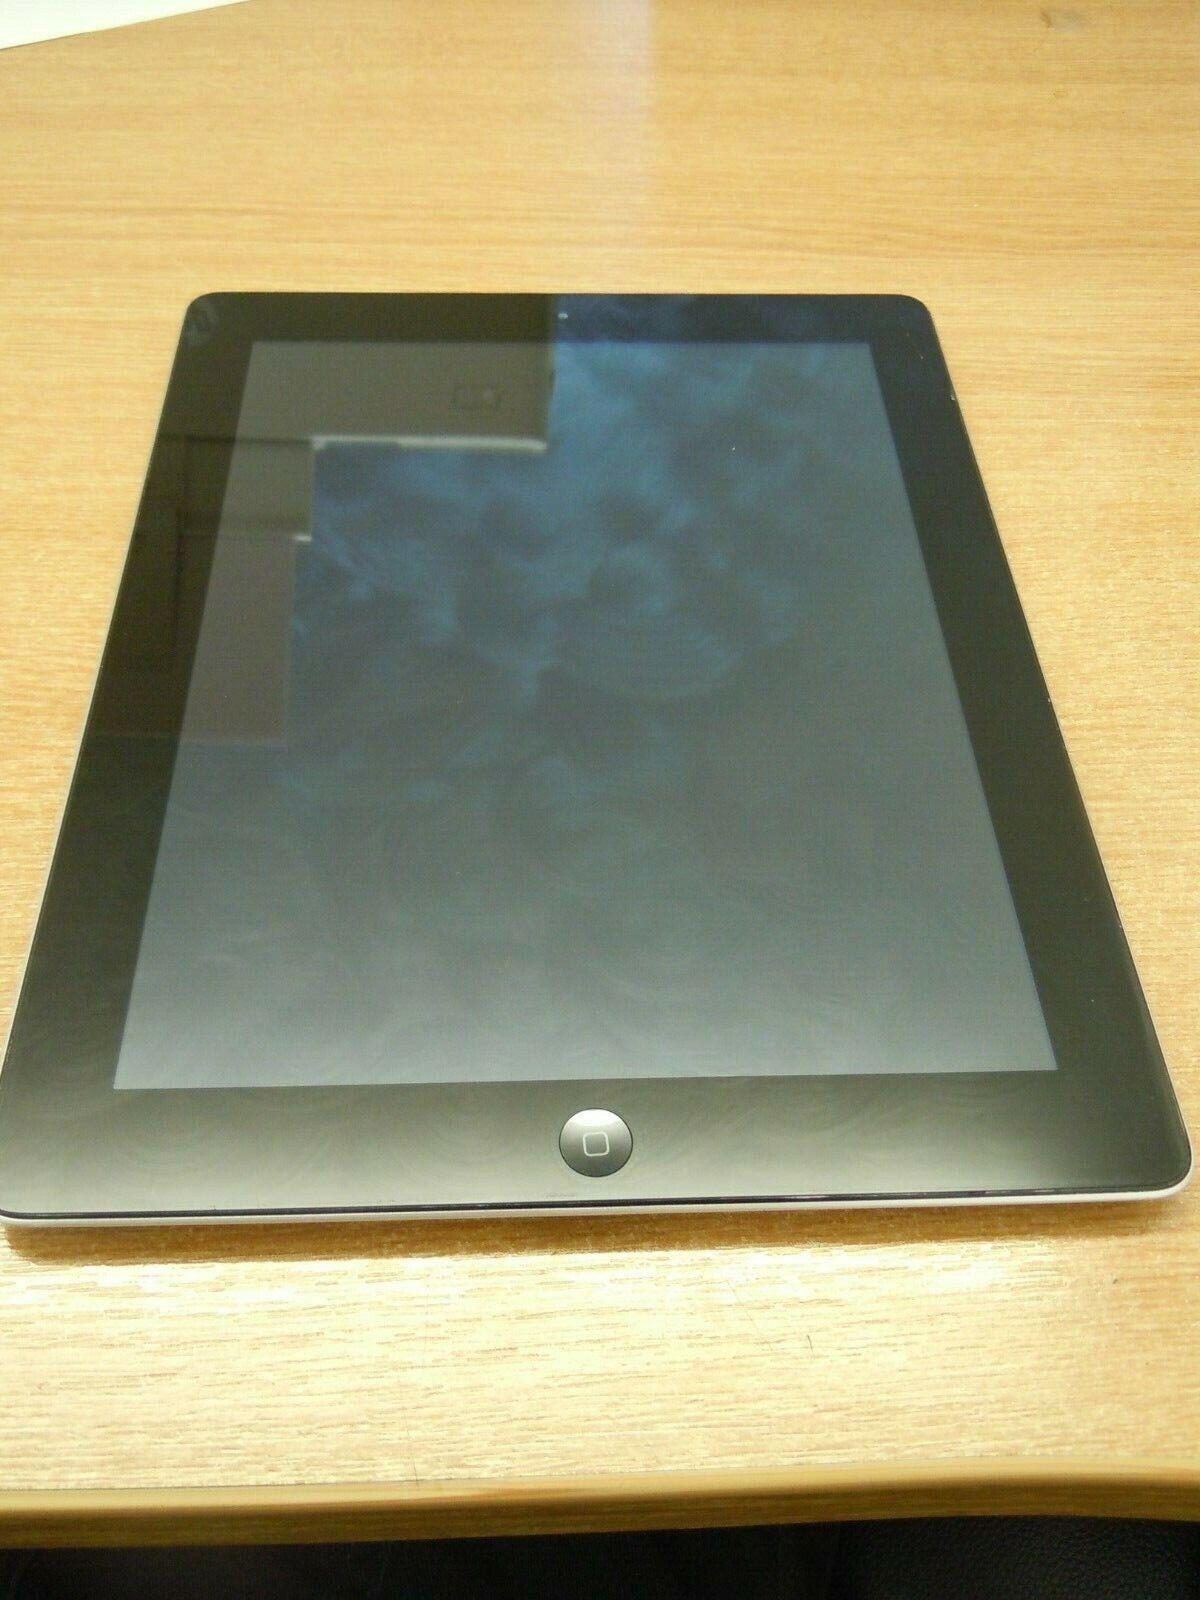 iPad: Apple iPad 2 64GB WiFi 9.7″ black tablet